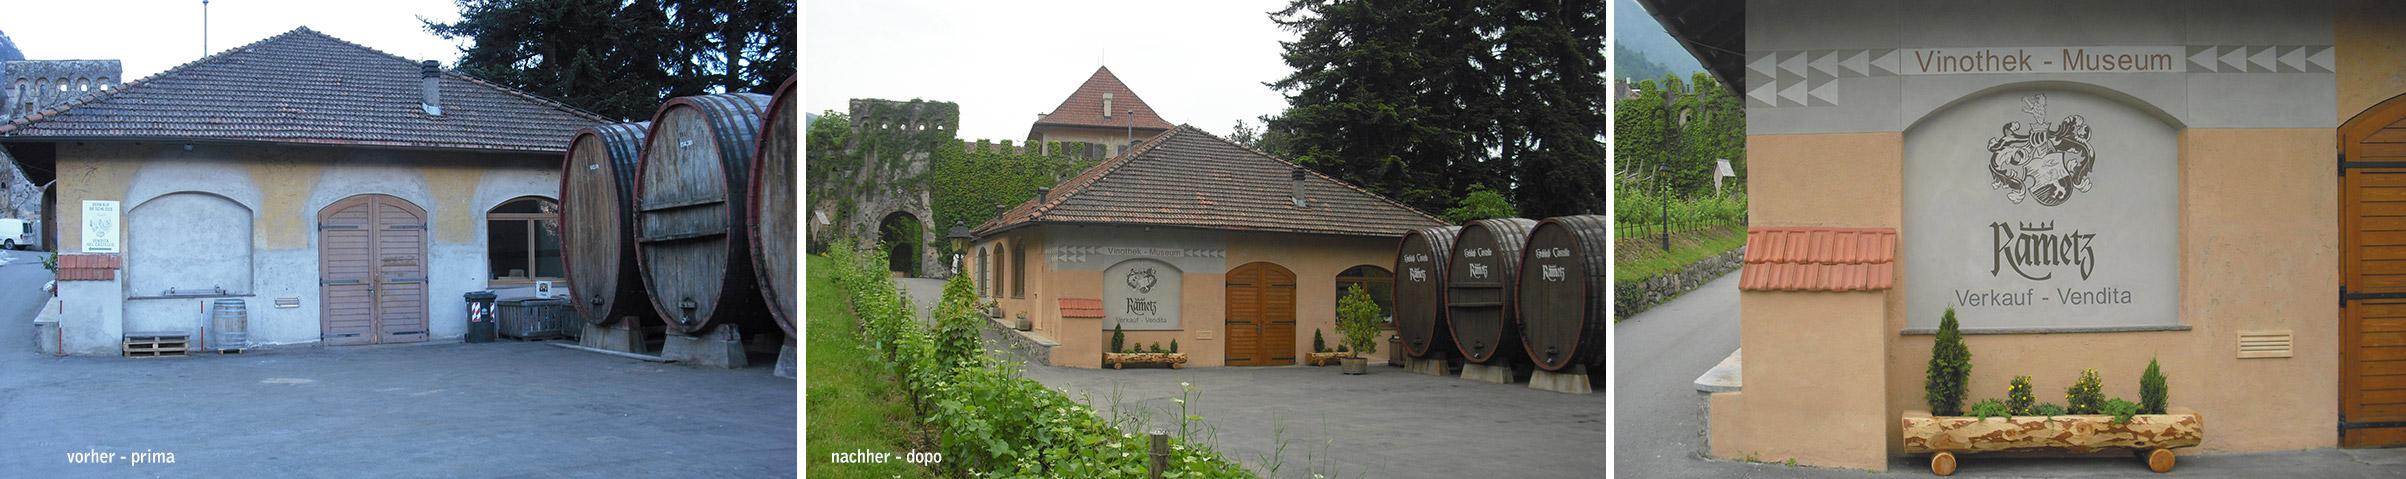 Schloss-Rametz | Castel Rametz